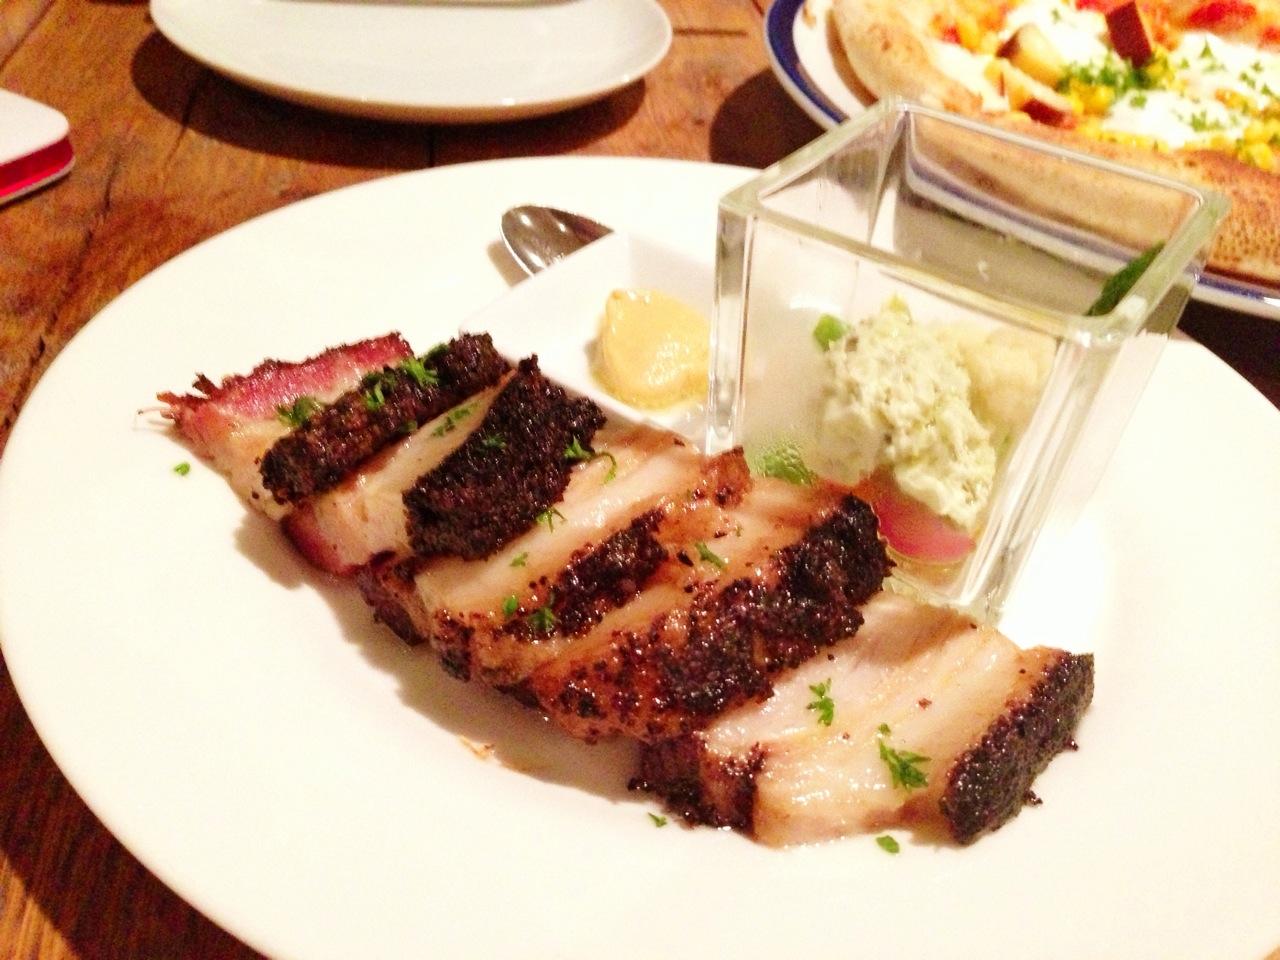 【食べた】一貴山豚などを使った糸島のブタ料理を楽しみながらワインをいただこう!「ソラブタ」